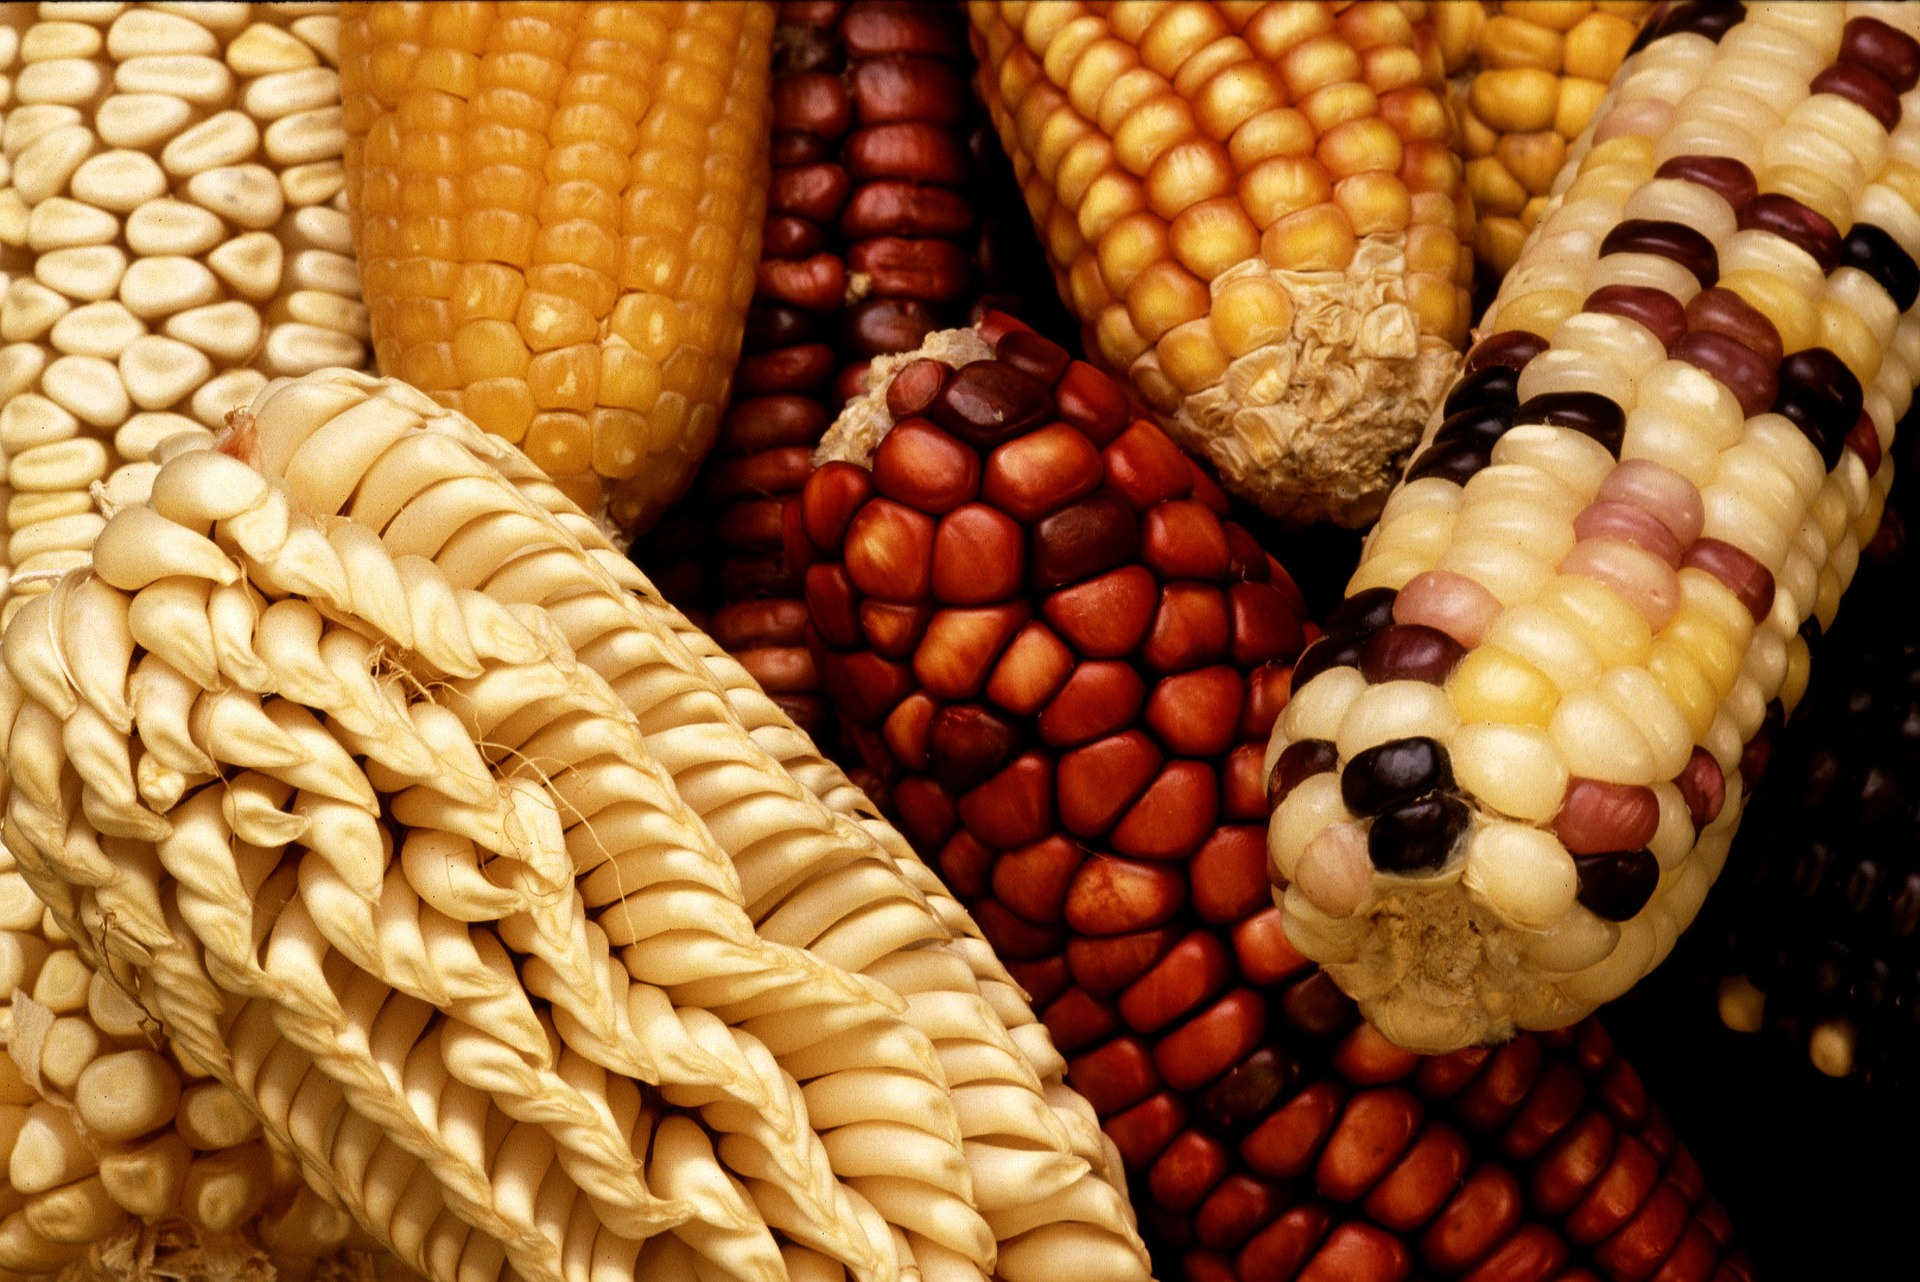 Pox chiapas destilado de maíz bebida espirituosa mitos pozole